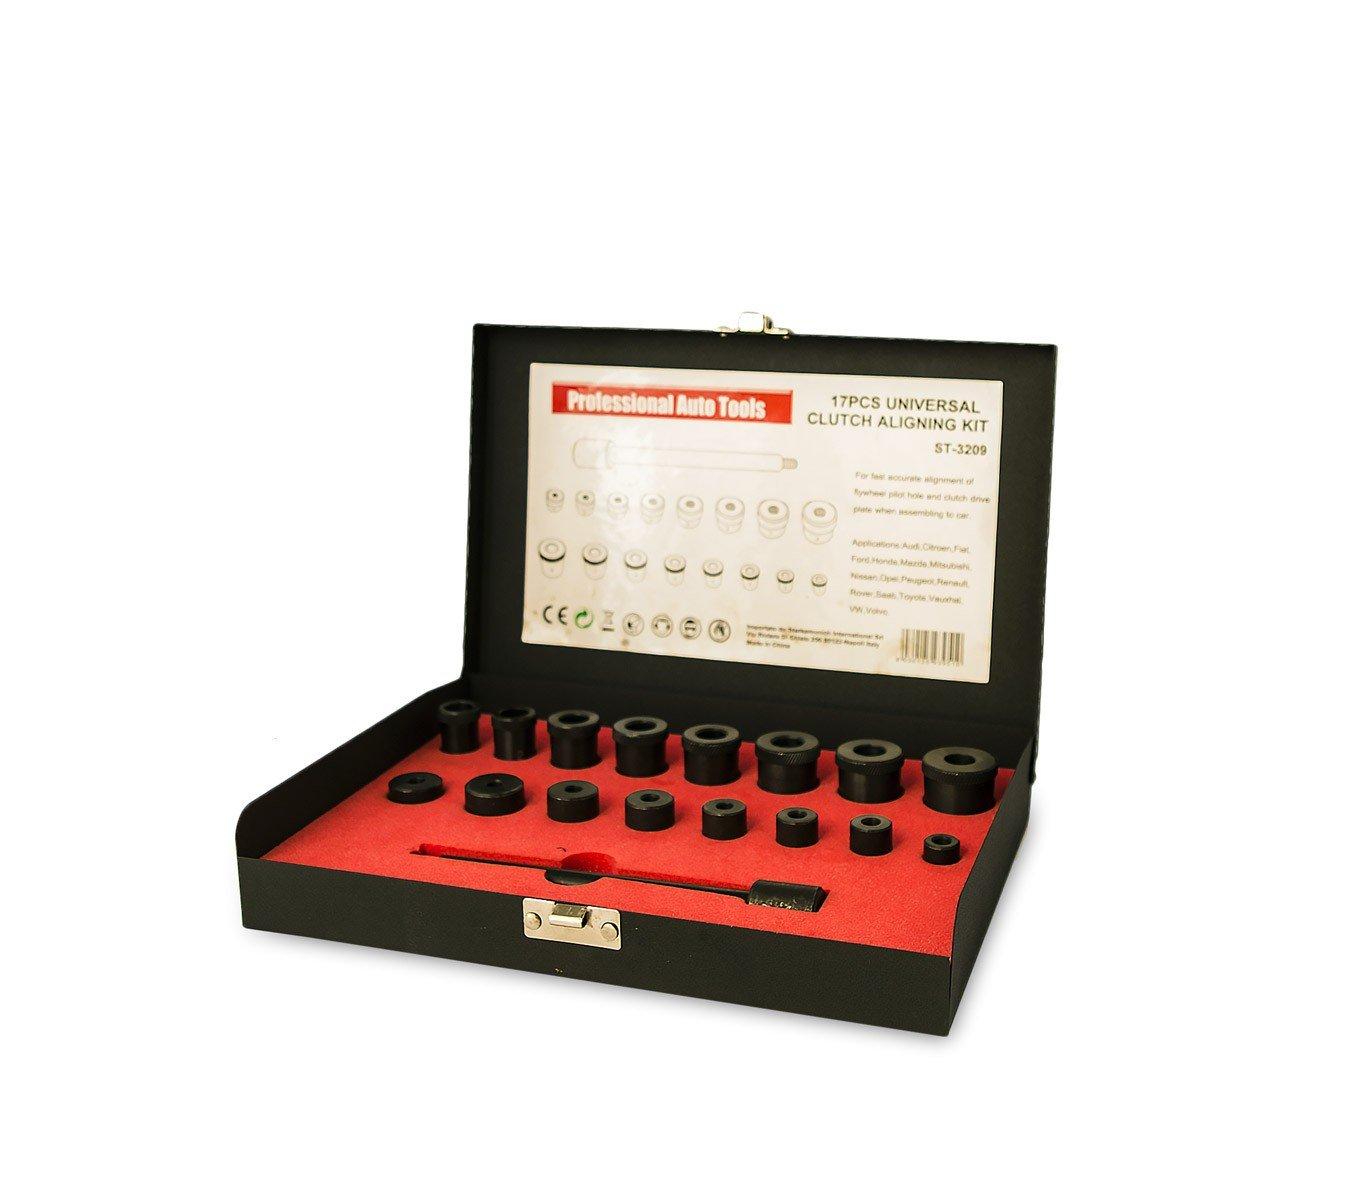 MEDIA WAVE store Kit allineamento e Regolazione Frizione 17 pz ST-3209 Professionale Starkemunich